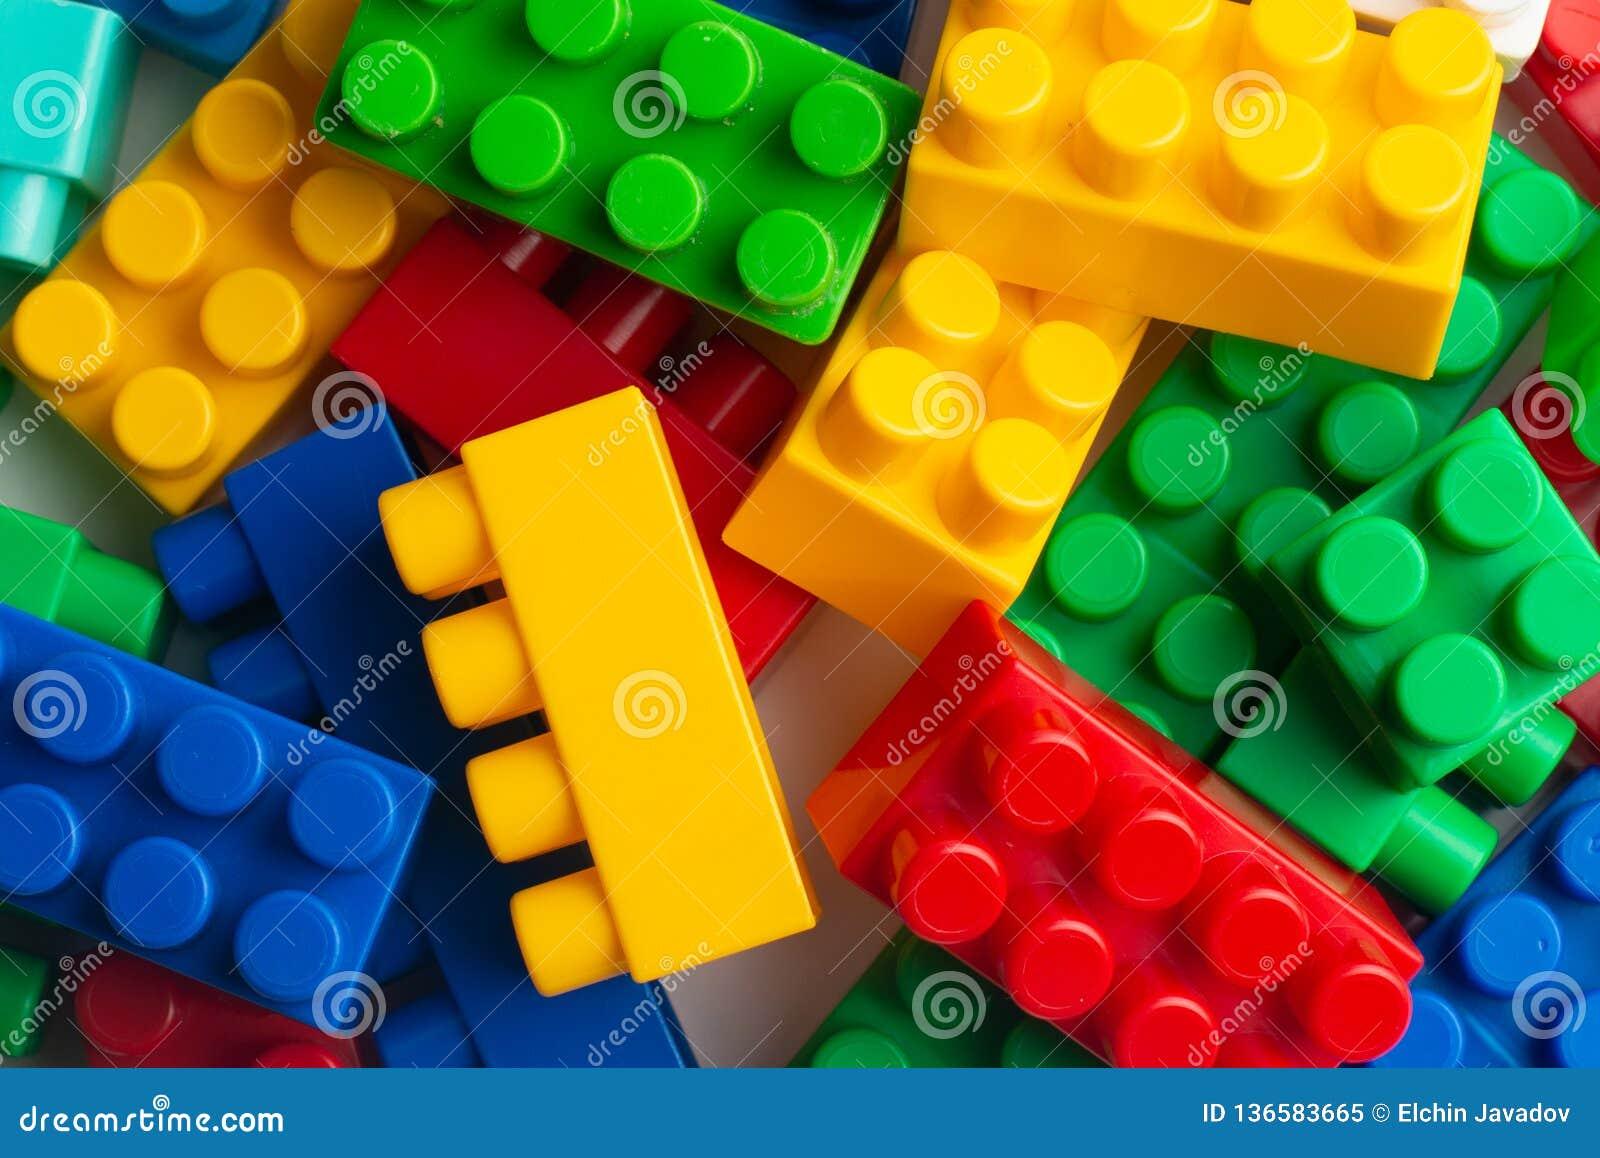 Développement d enfants, blocs constitutifs, construction de bâtiments et camion